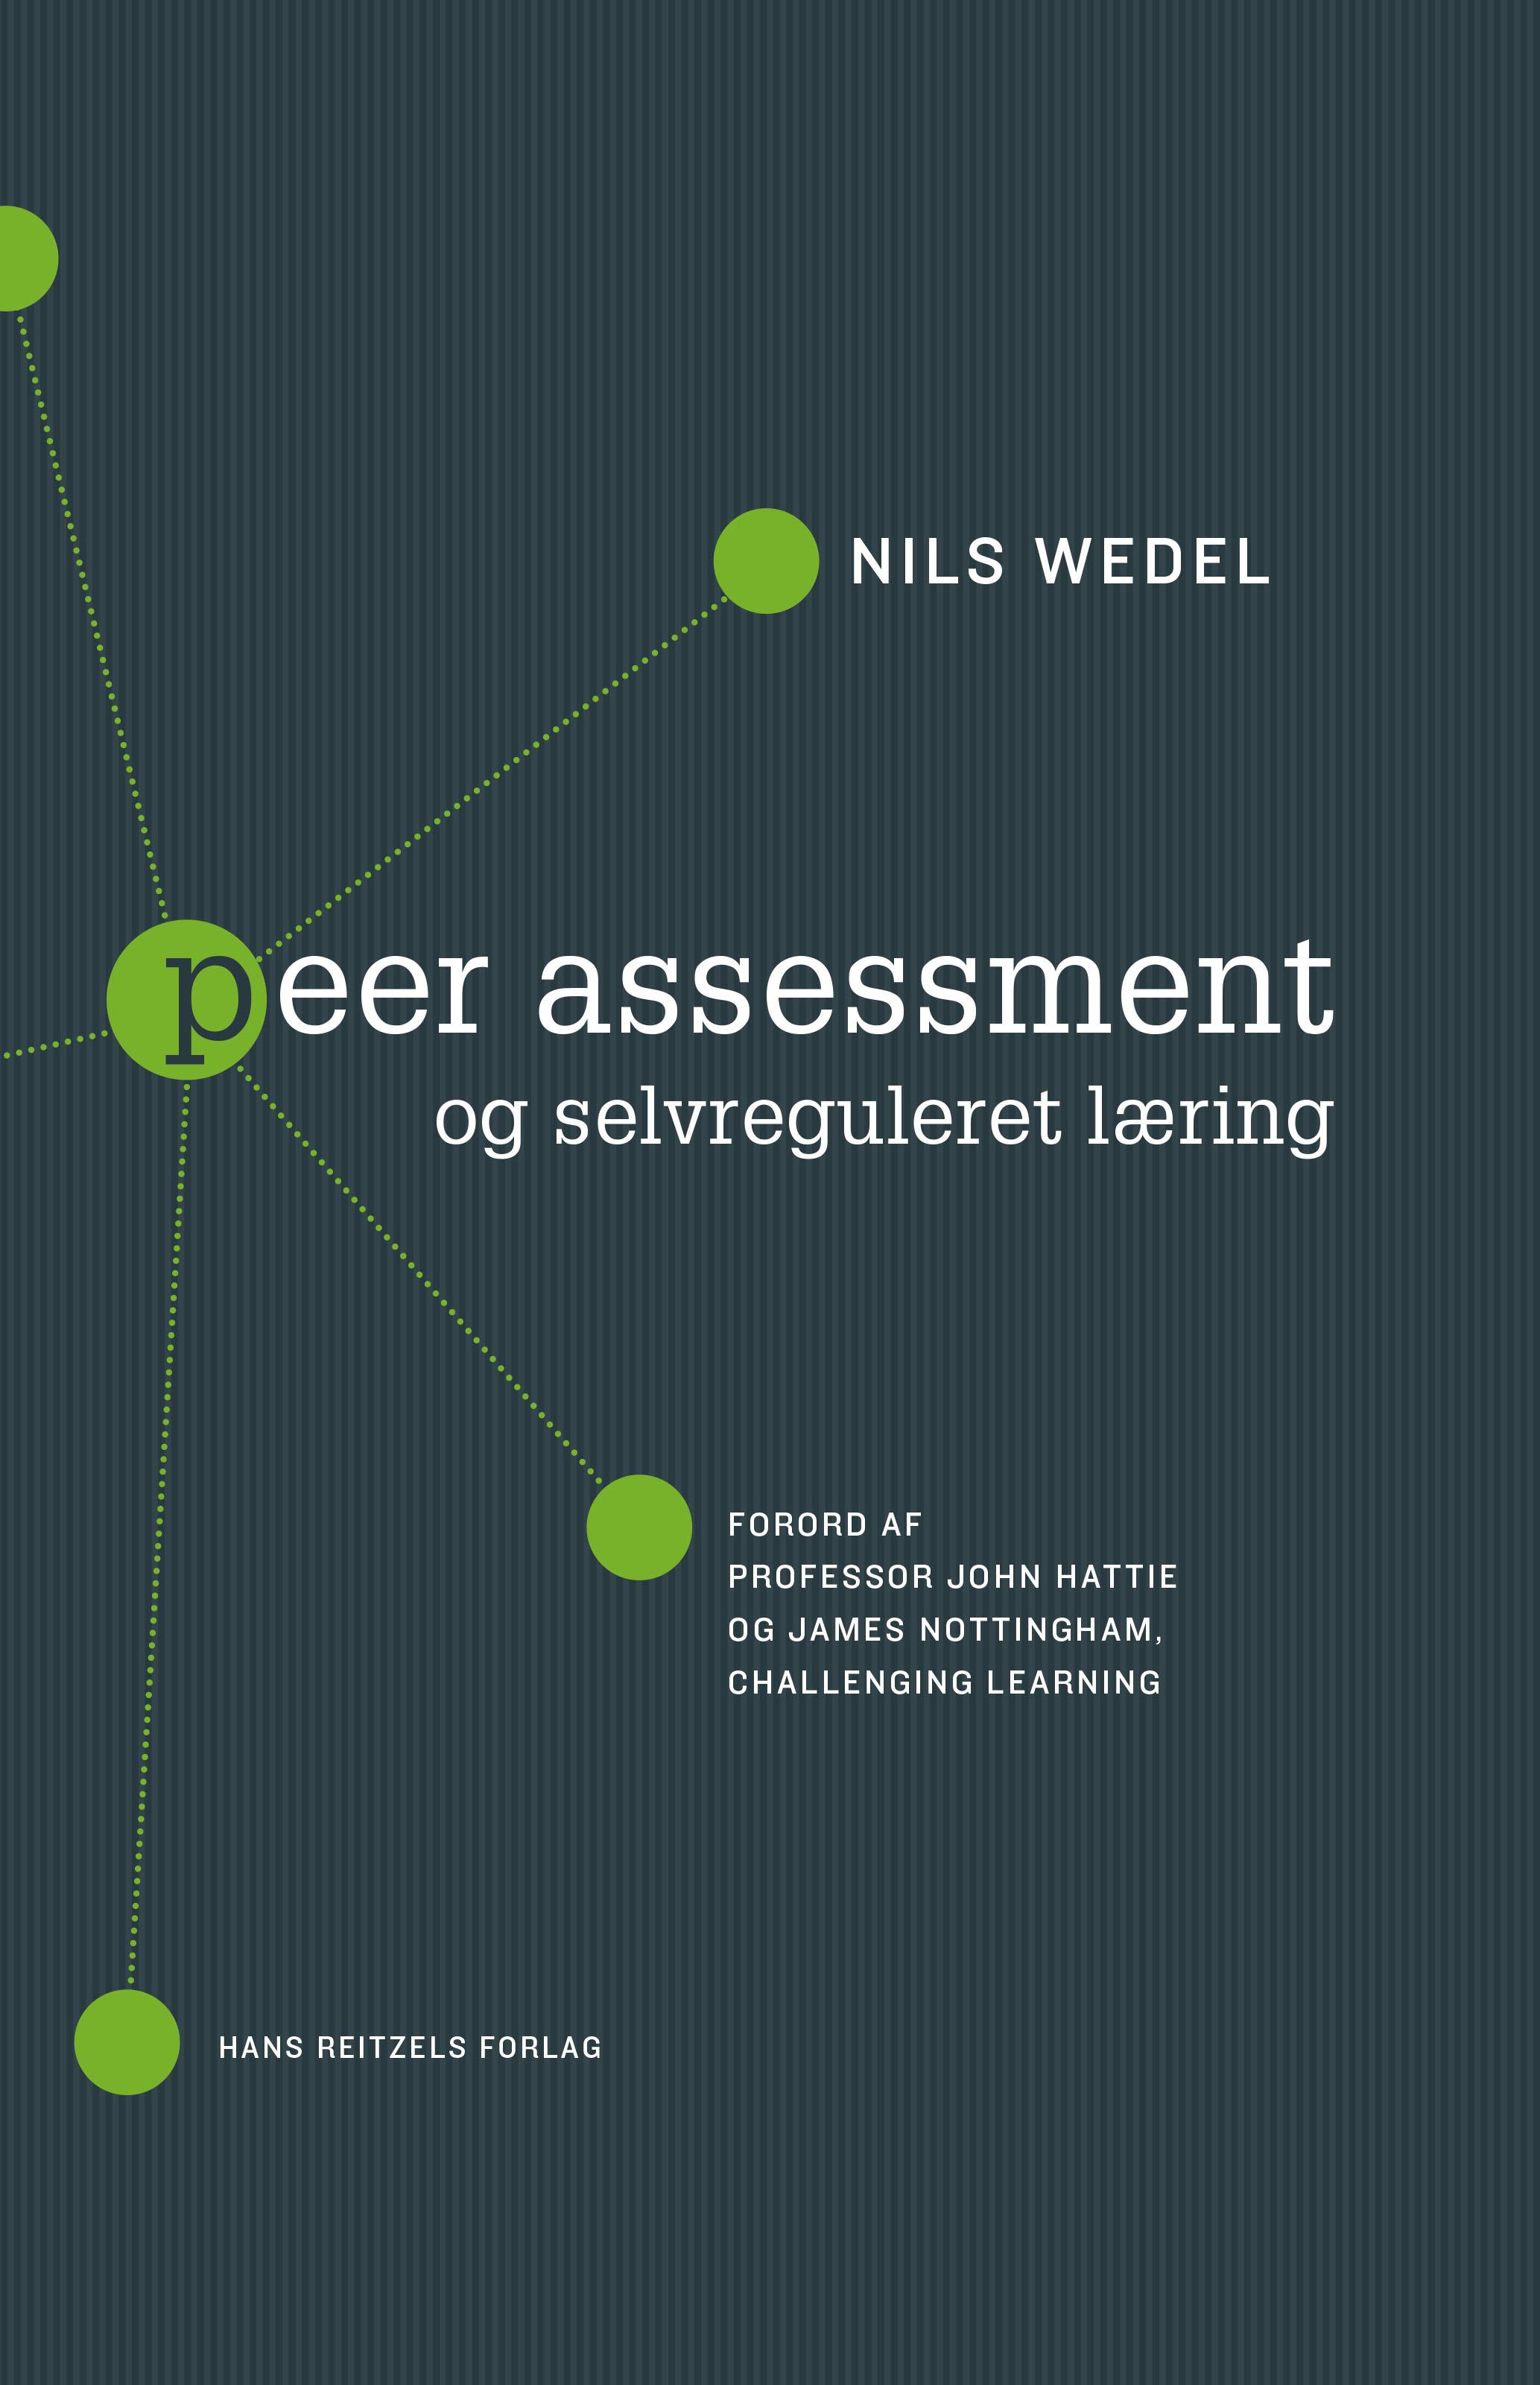 Peer assessment og selvreguleret læring